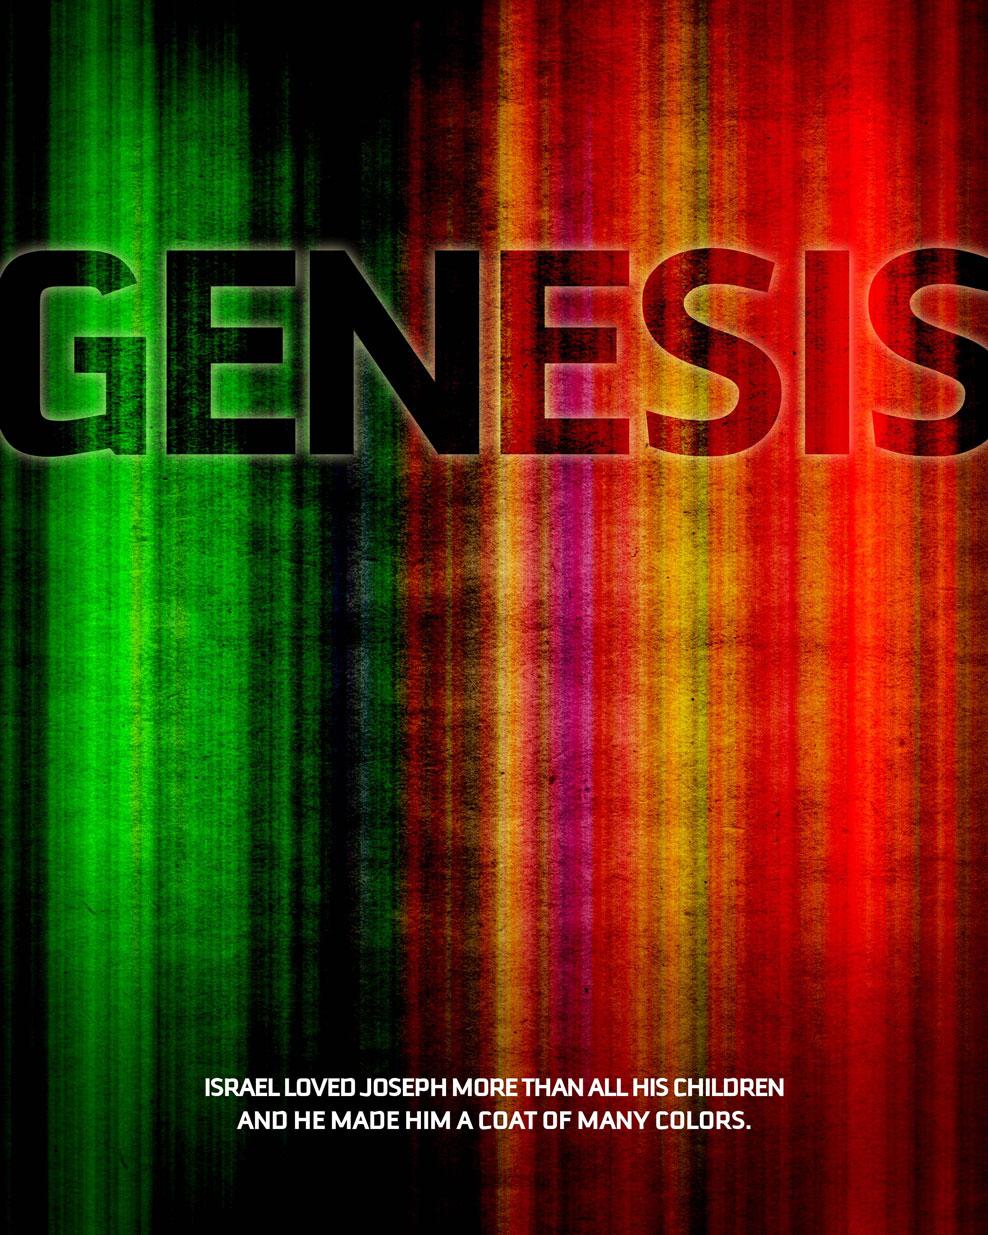 01-Genesis-02_988.jpg